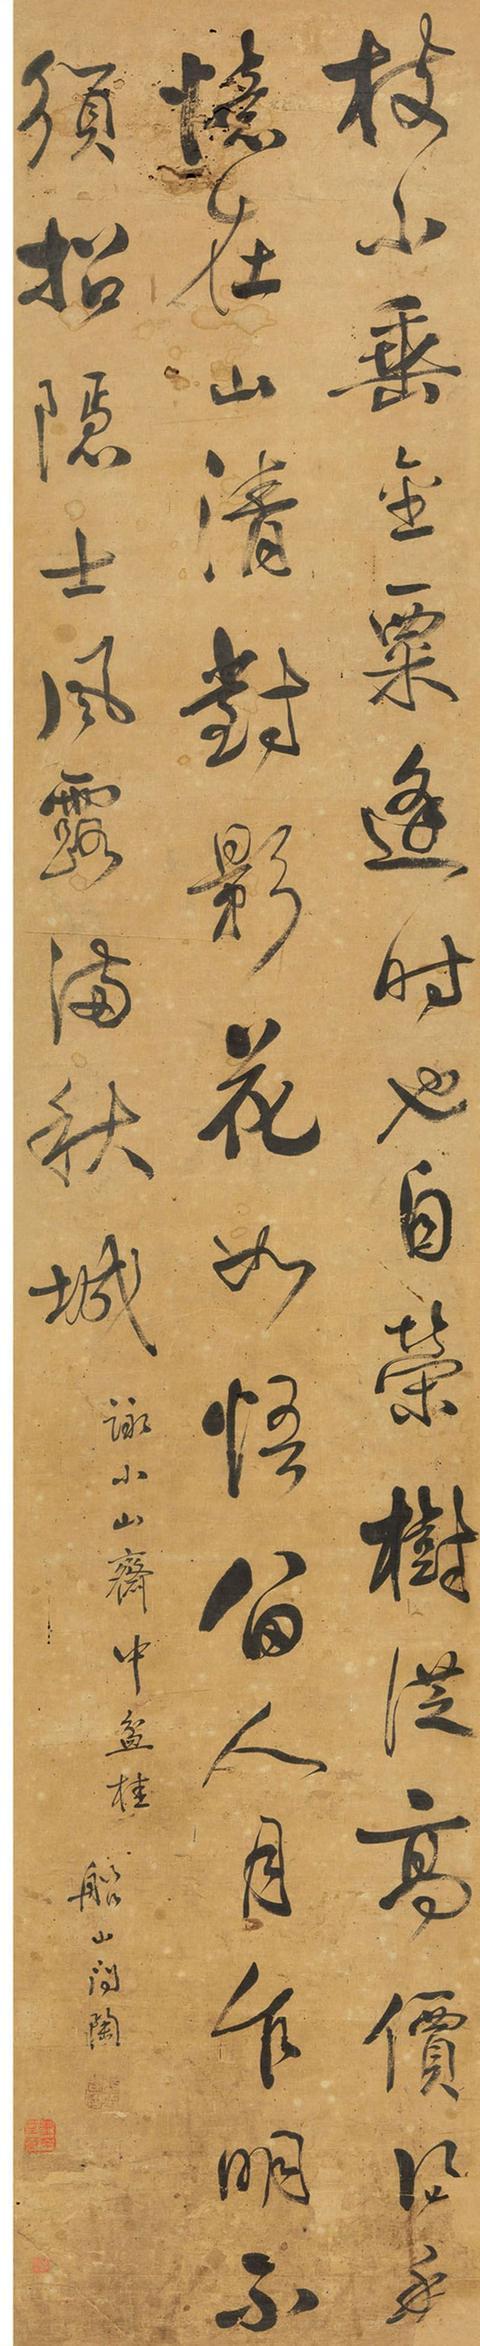 张问陶(清) 行书七言诗题画诗